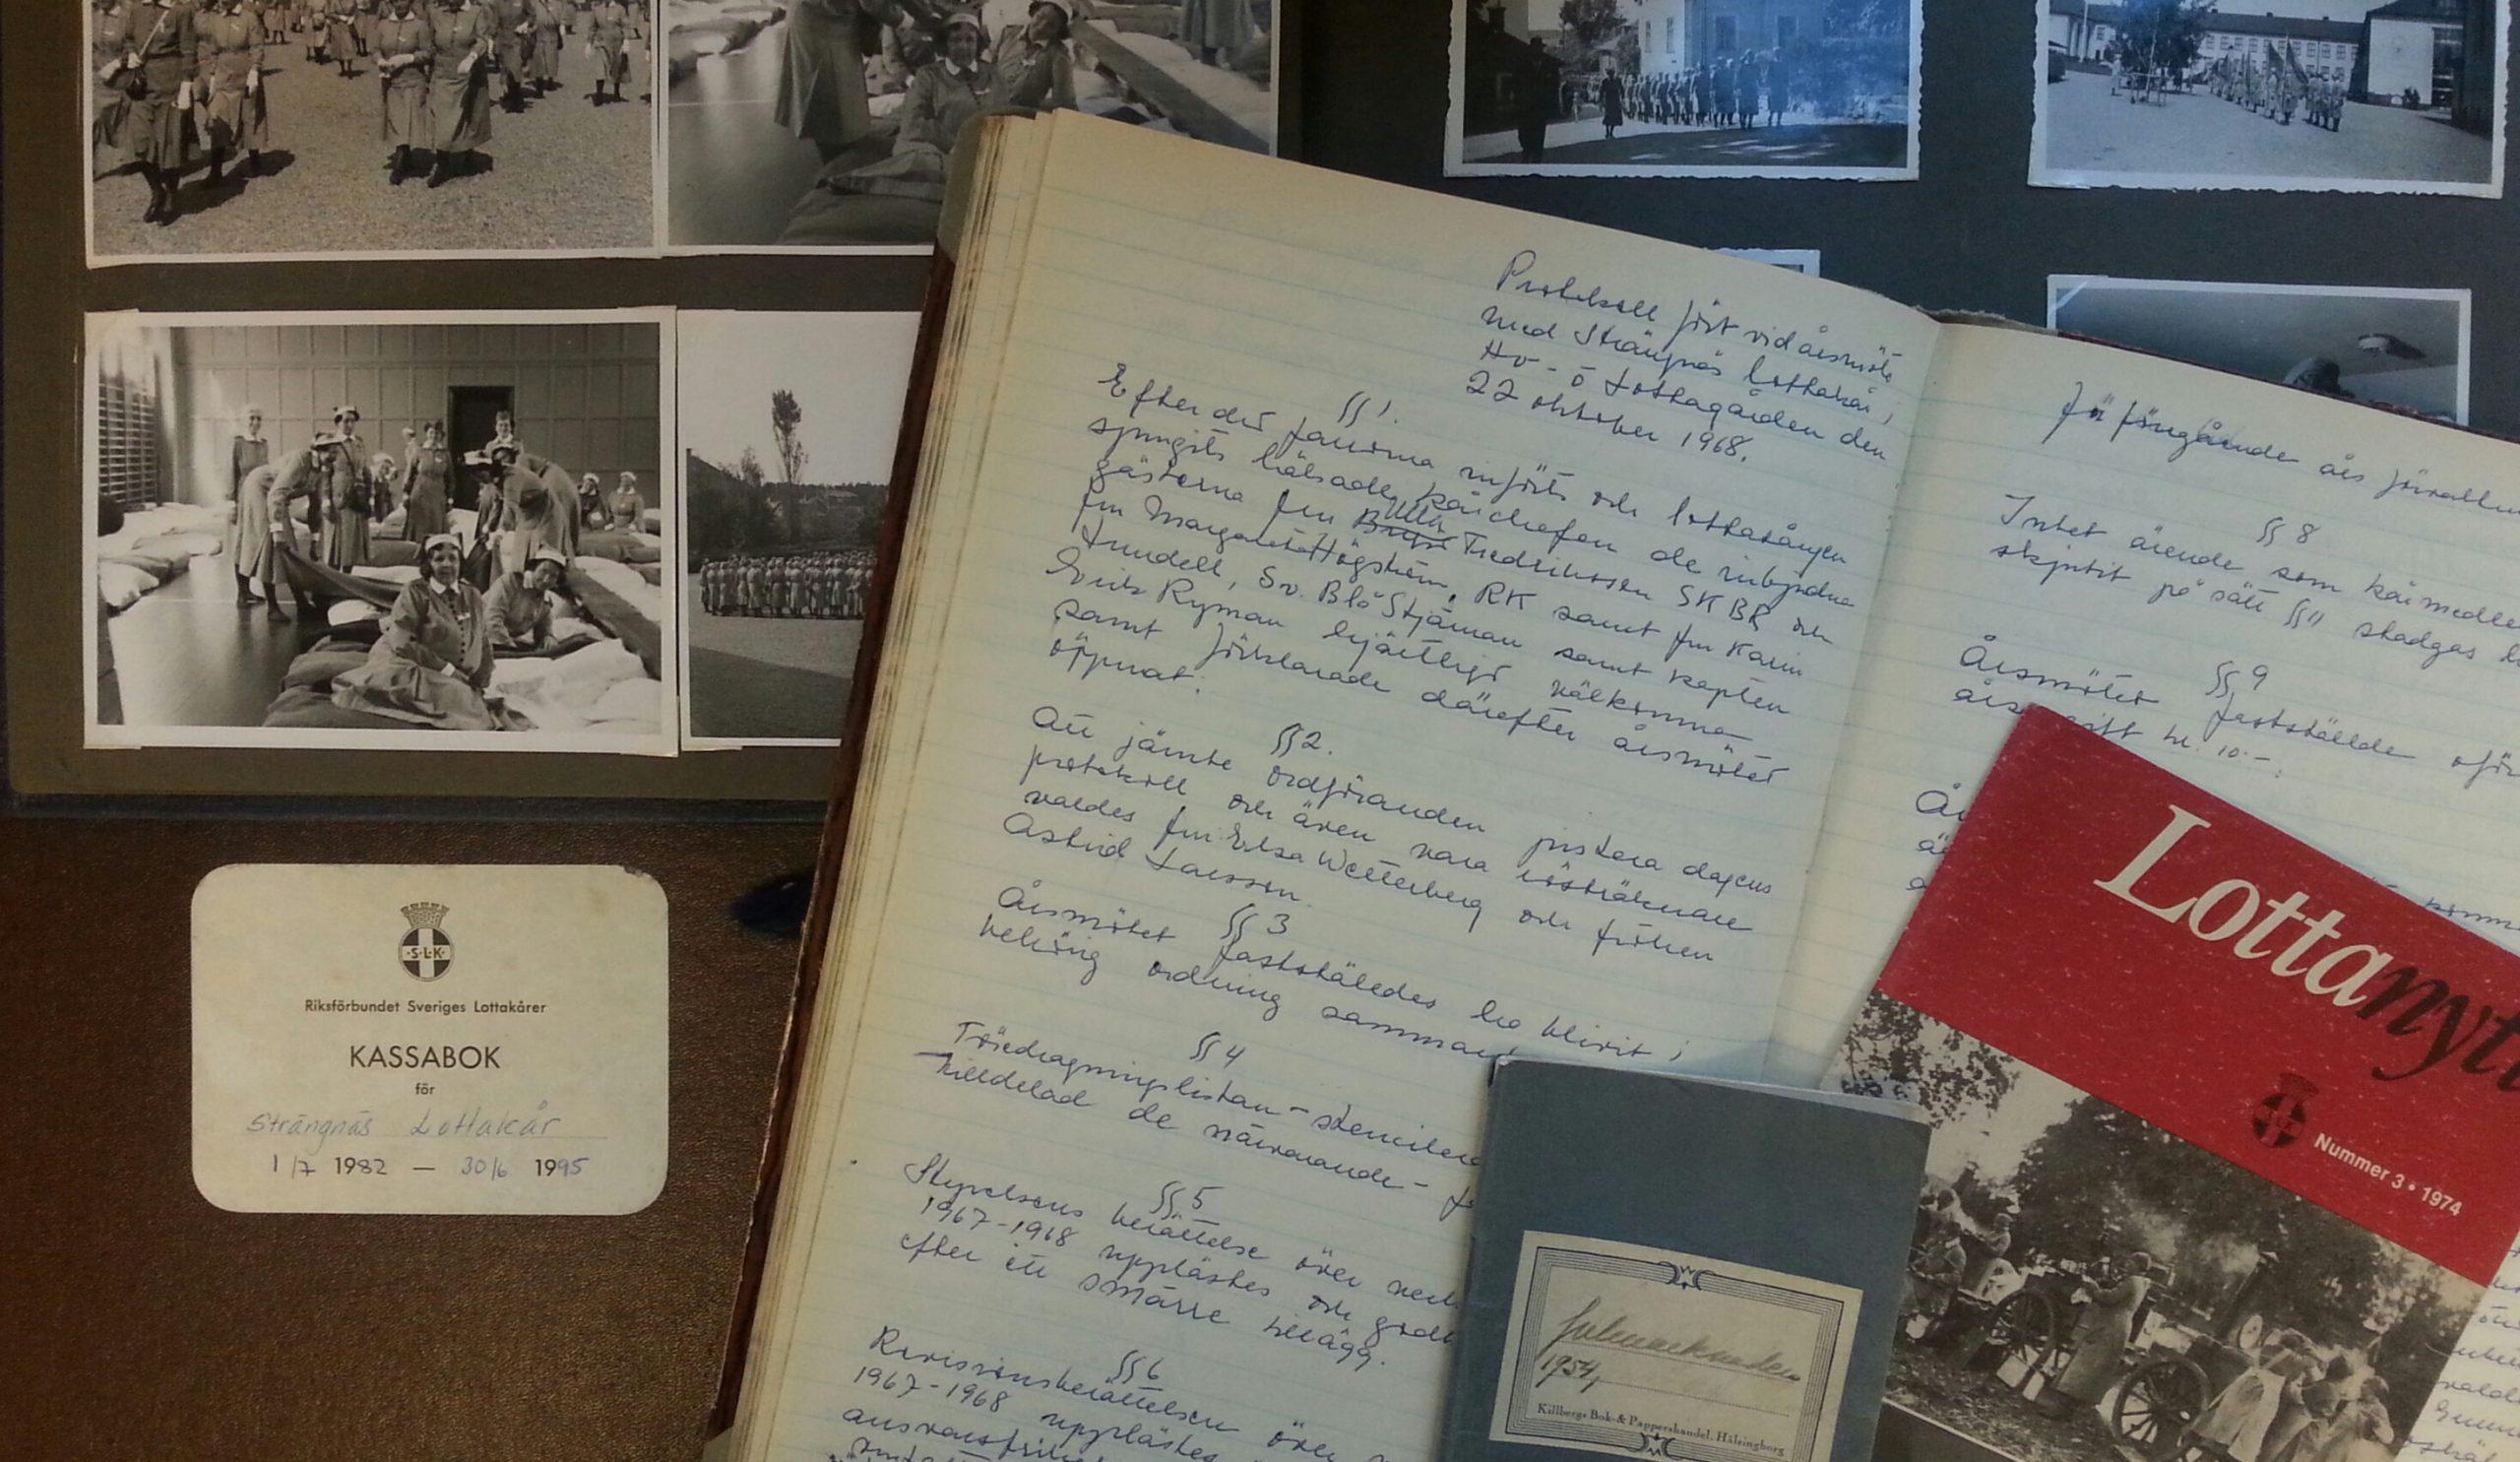 Exempel ur ett föreningsarkiv - Strängnäs lottakår.